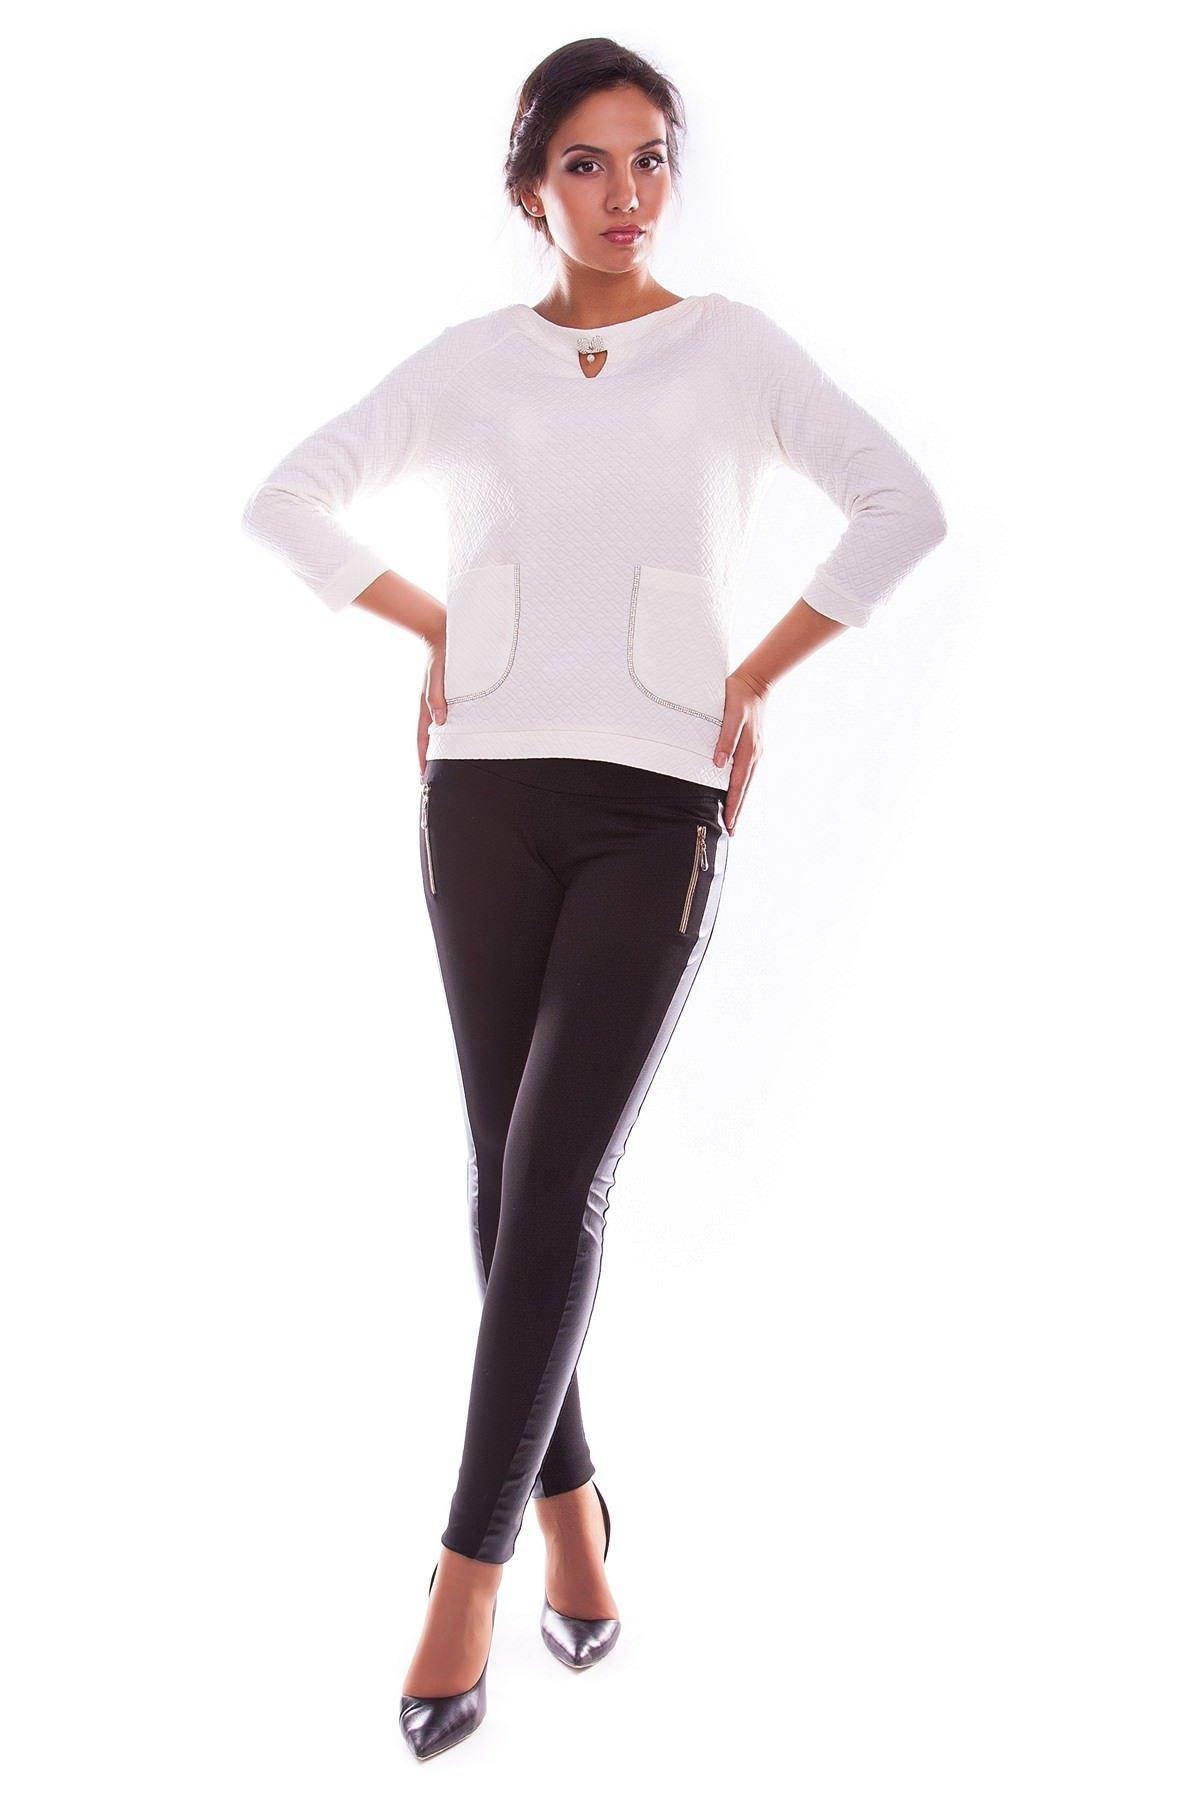 Купить женскую одежду оптом Кофта Булгари дайвинг теснение